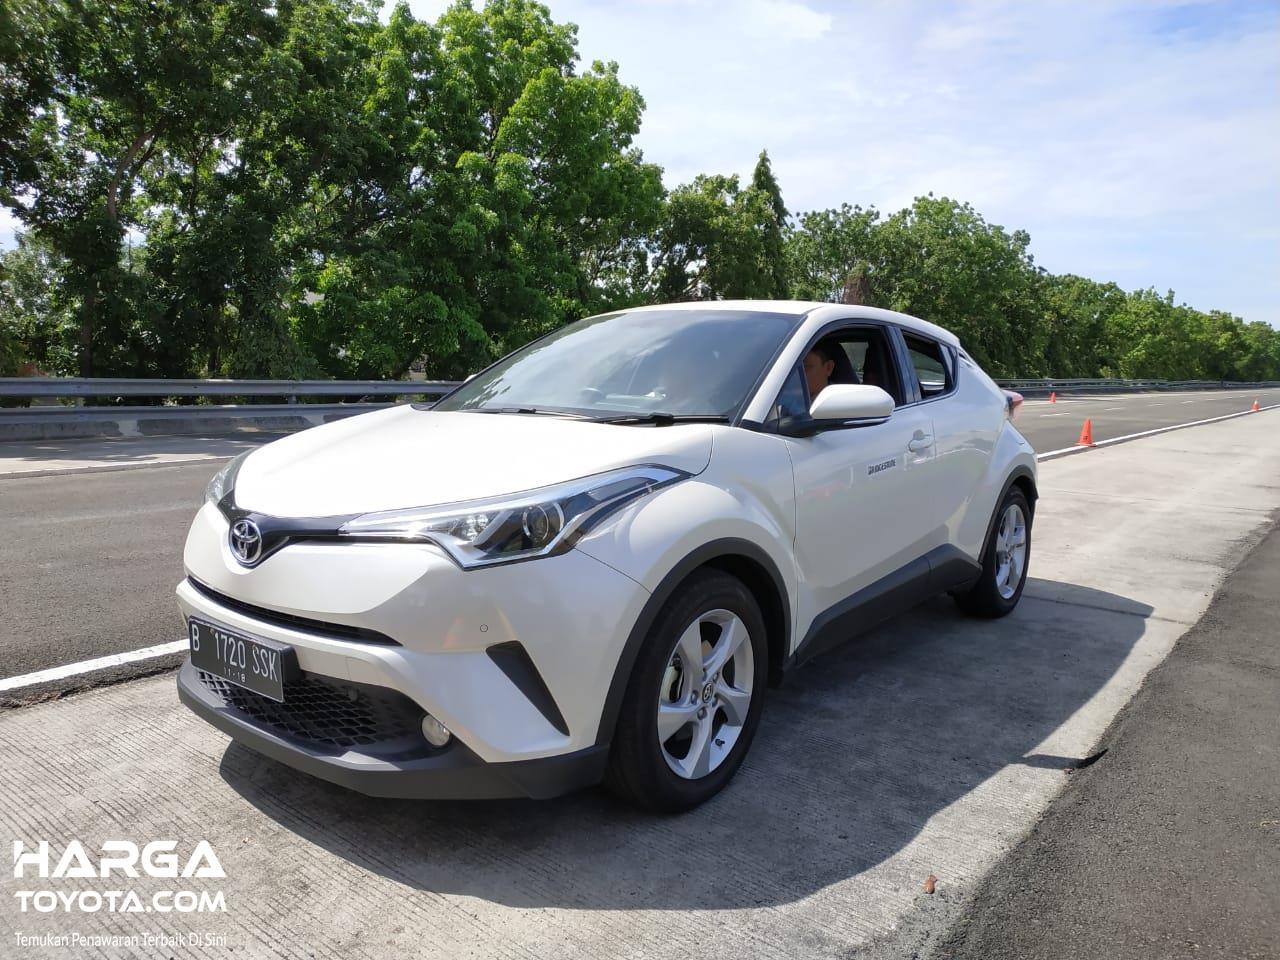 Tampak sebuah mobil Toyota C-HR 2018